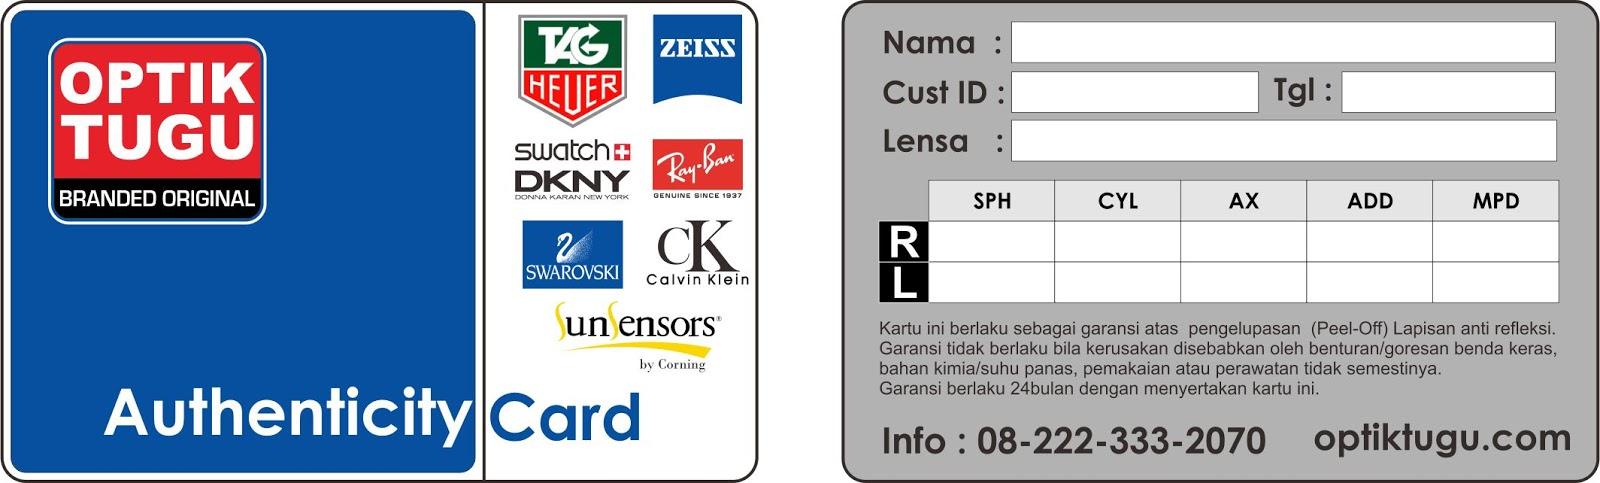 News Optiktugu.com: Info Kacamata Jadi 04/05/2016